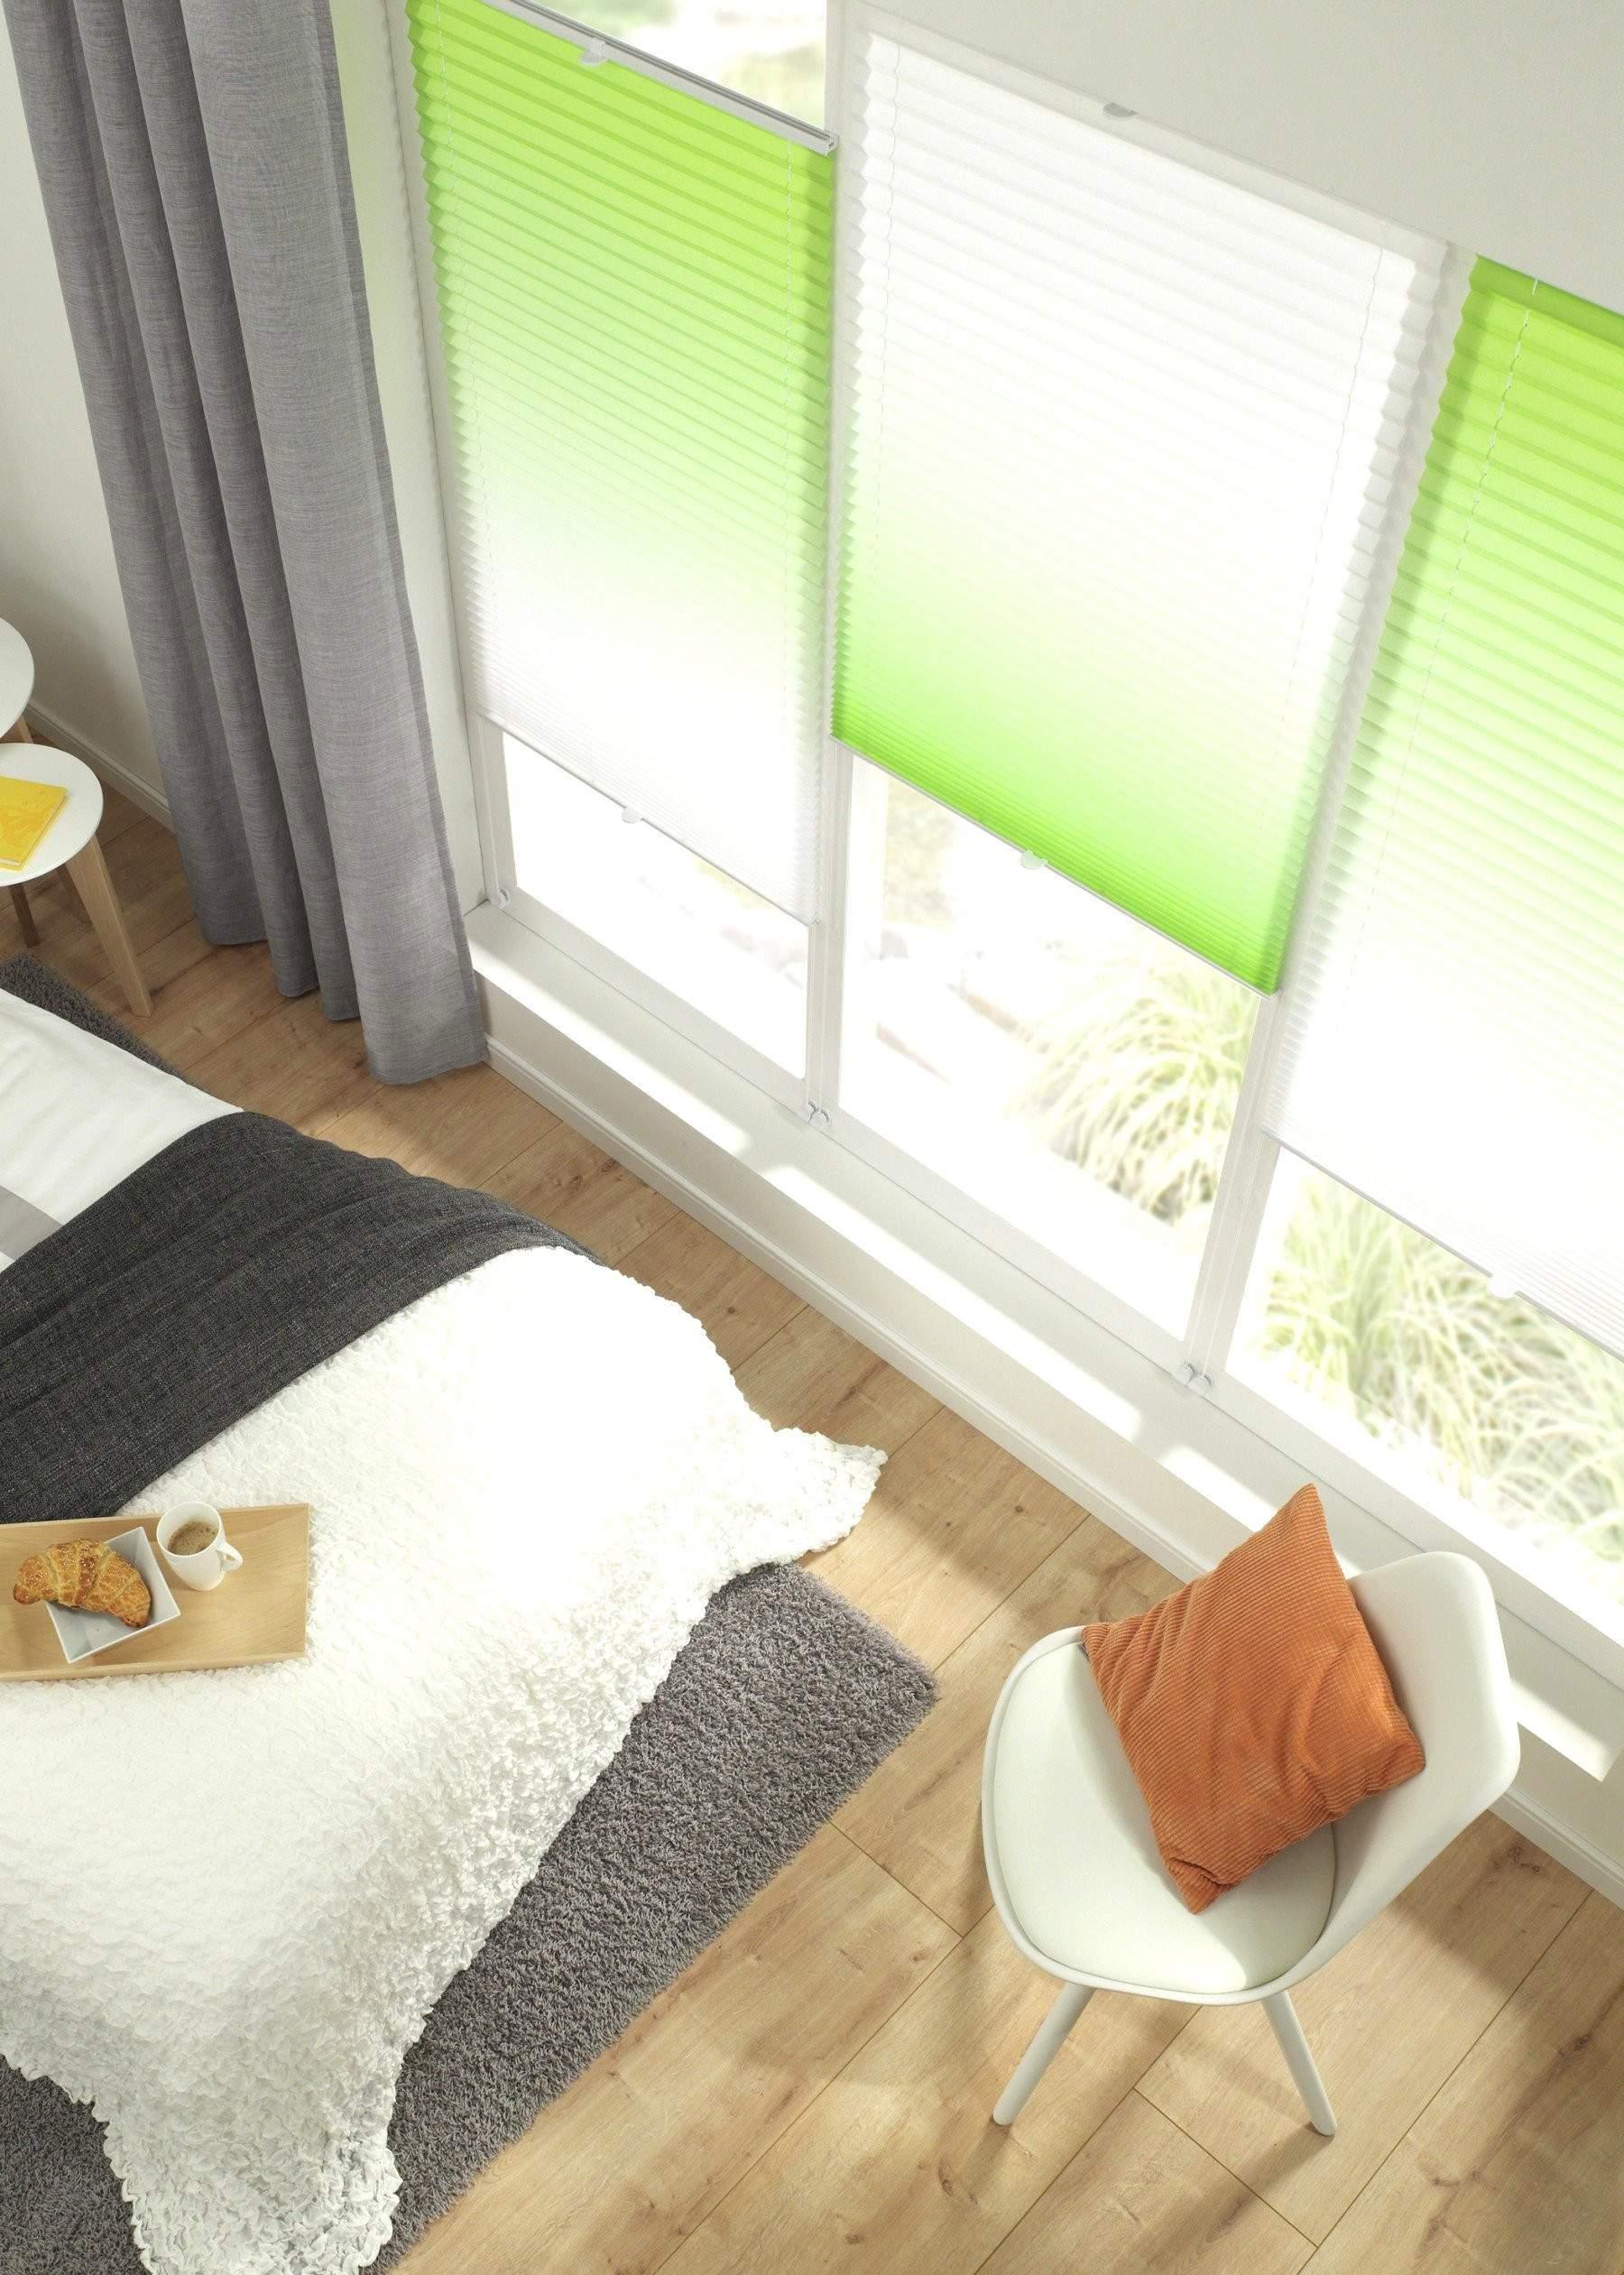 Full Size of Plissee Fenster Wohnzimmer Reizend Inspirierend Rollos Ohne Bohren Einbauen Günstige Reinigen Drutex Alte Kaufen Insektenschutz Kosten Neue Fenster Plissee Fenster